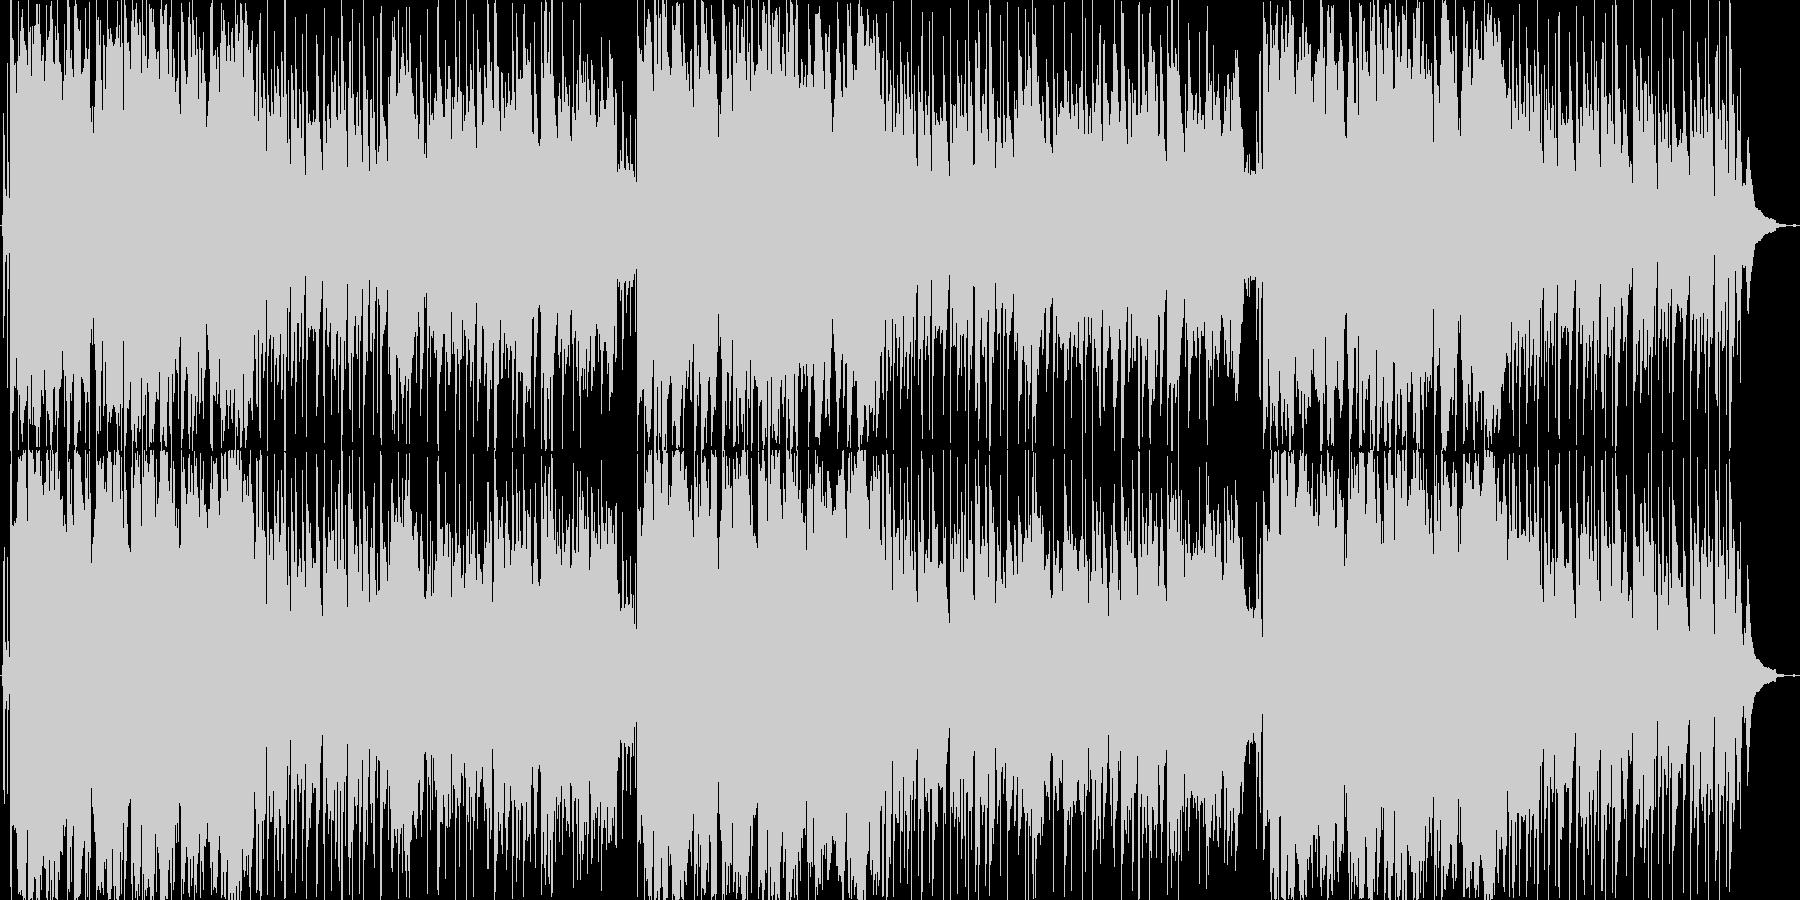 ほのぼの、軽快(ラウンジ系)明るめの未再生の波形